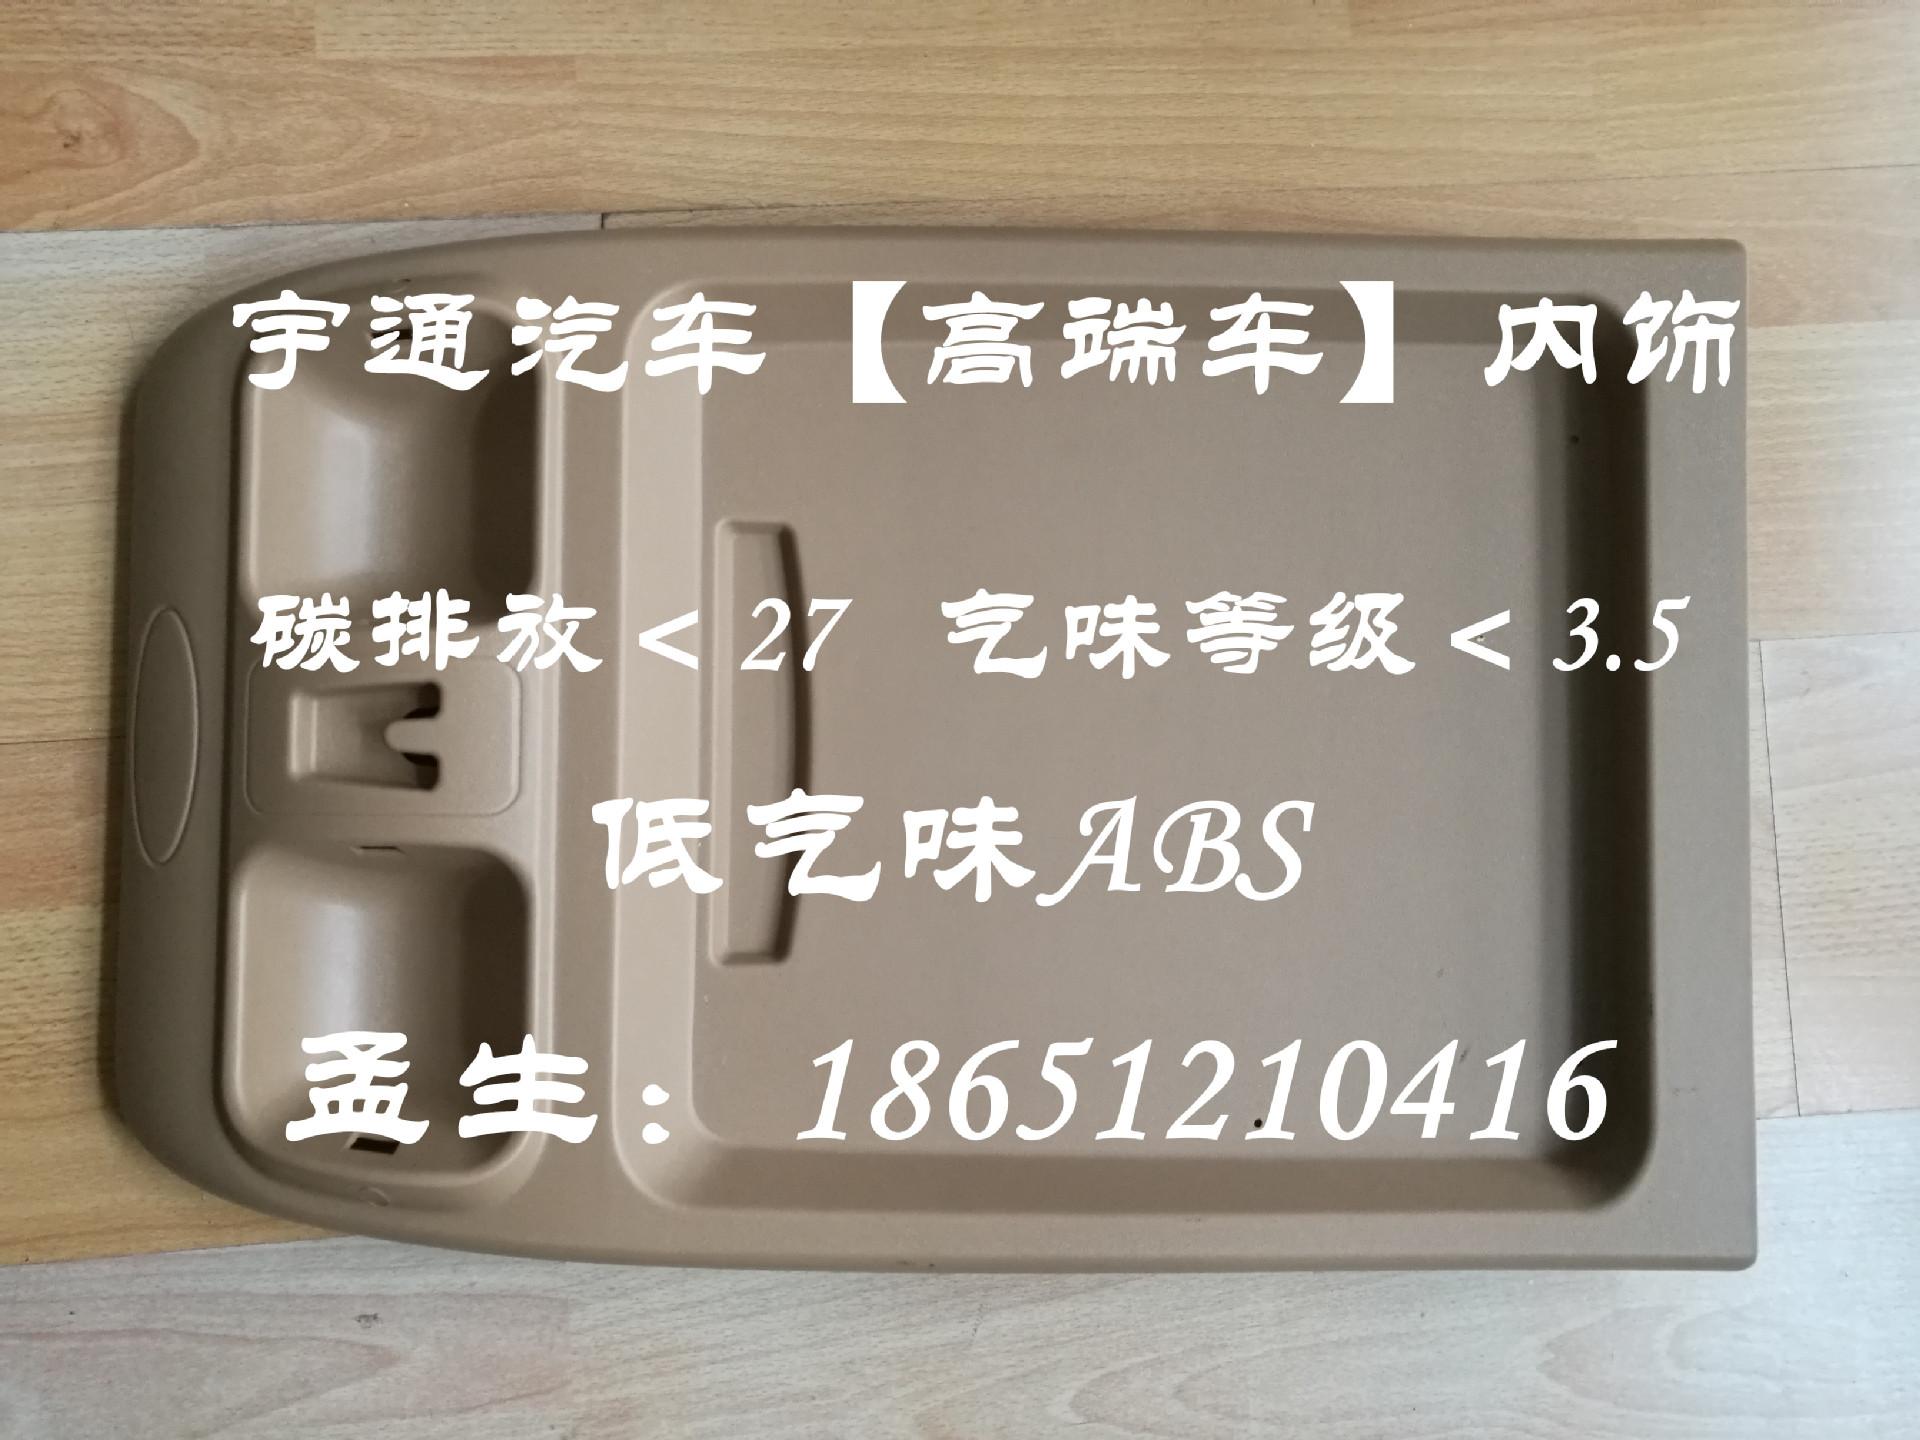 厂家直销 本色玻纤增强30% 尼龙PA6  环保白色 性能稳定,性价比示例图6